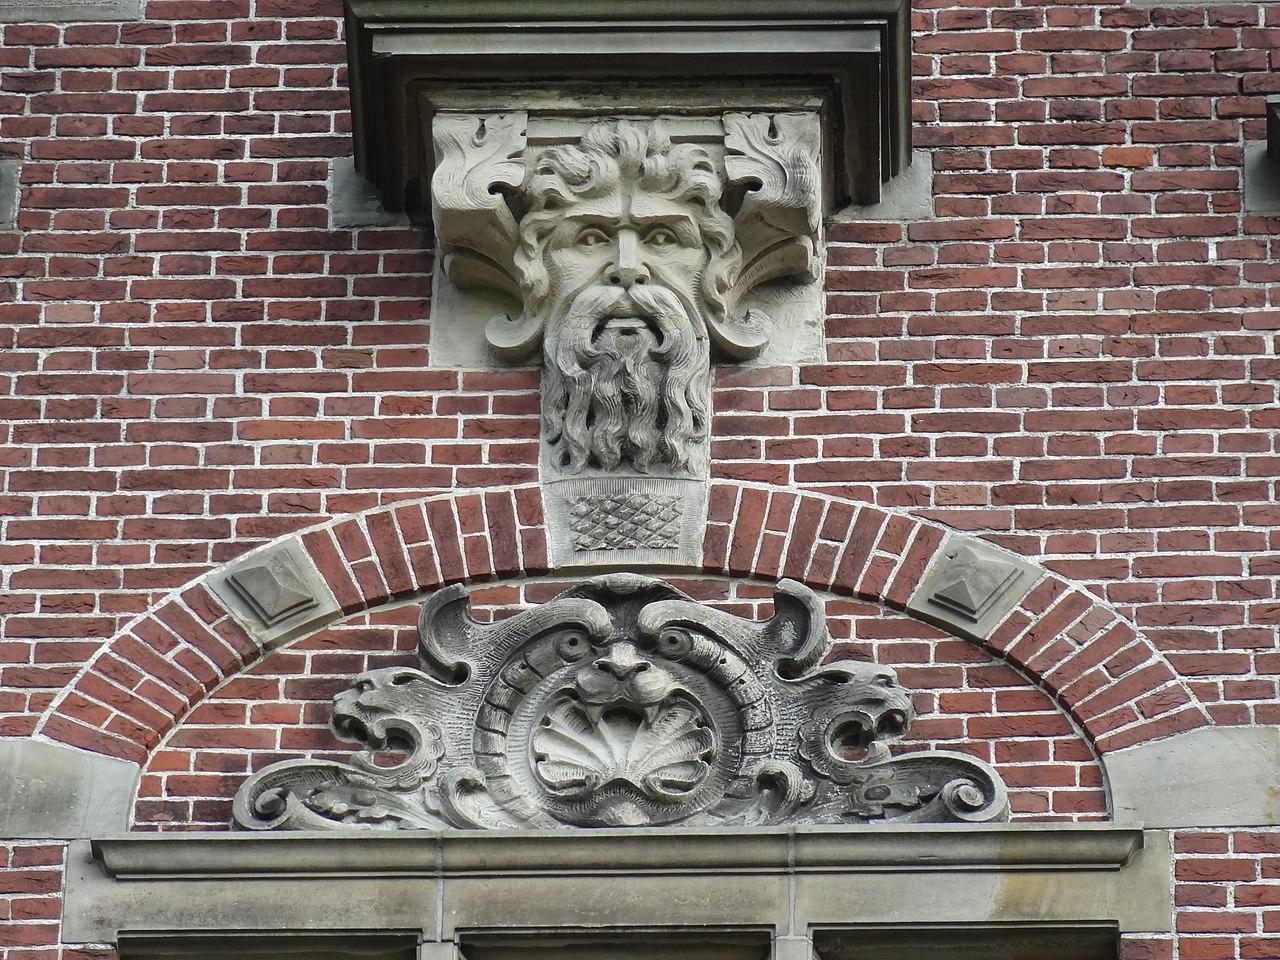 File nijmegen geveldecoratie van egidius everaerts boven de ingang van huis - Ingang van een huis ...